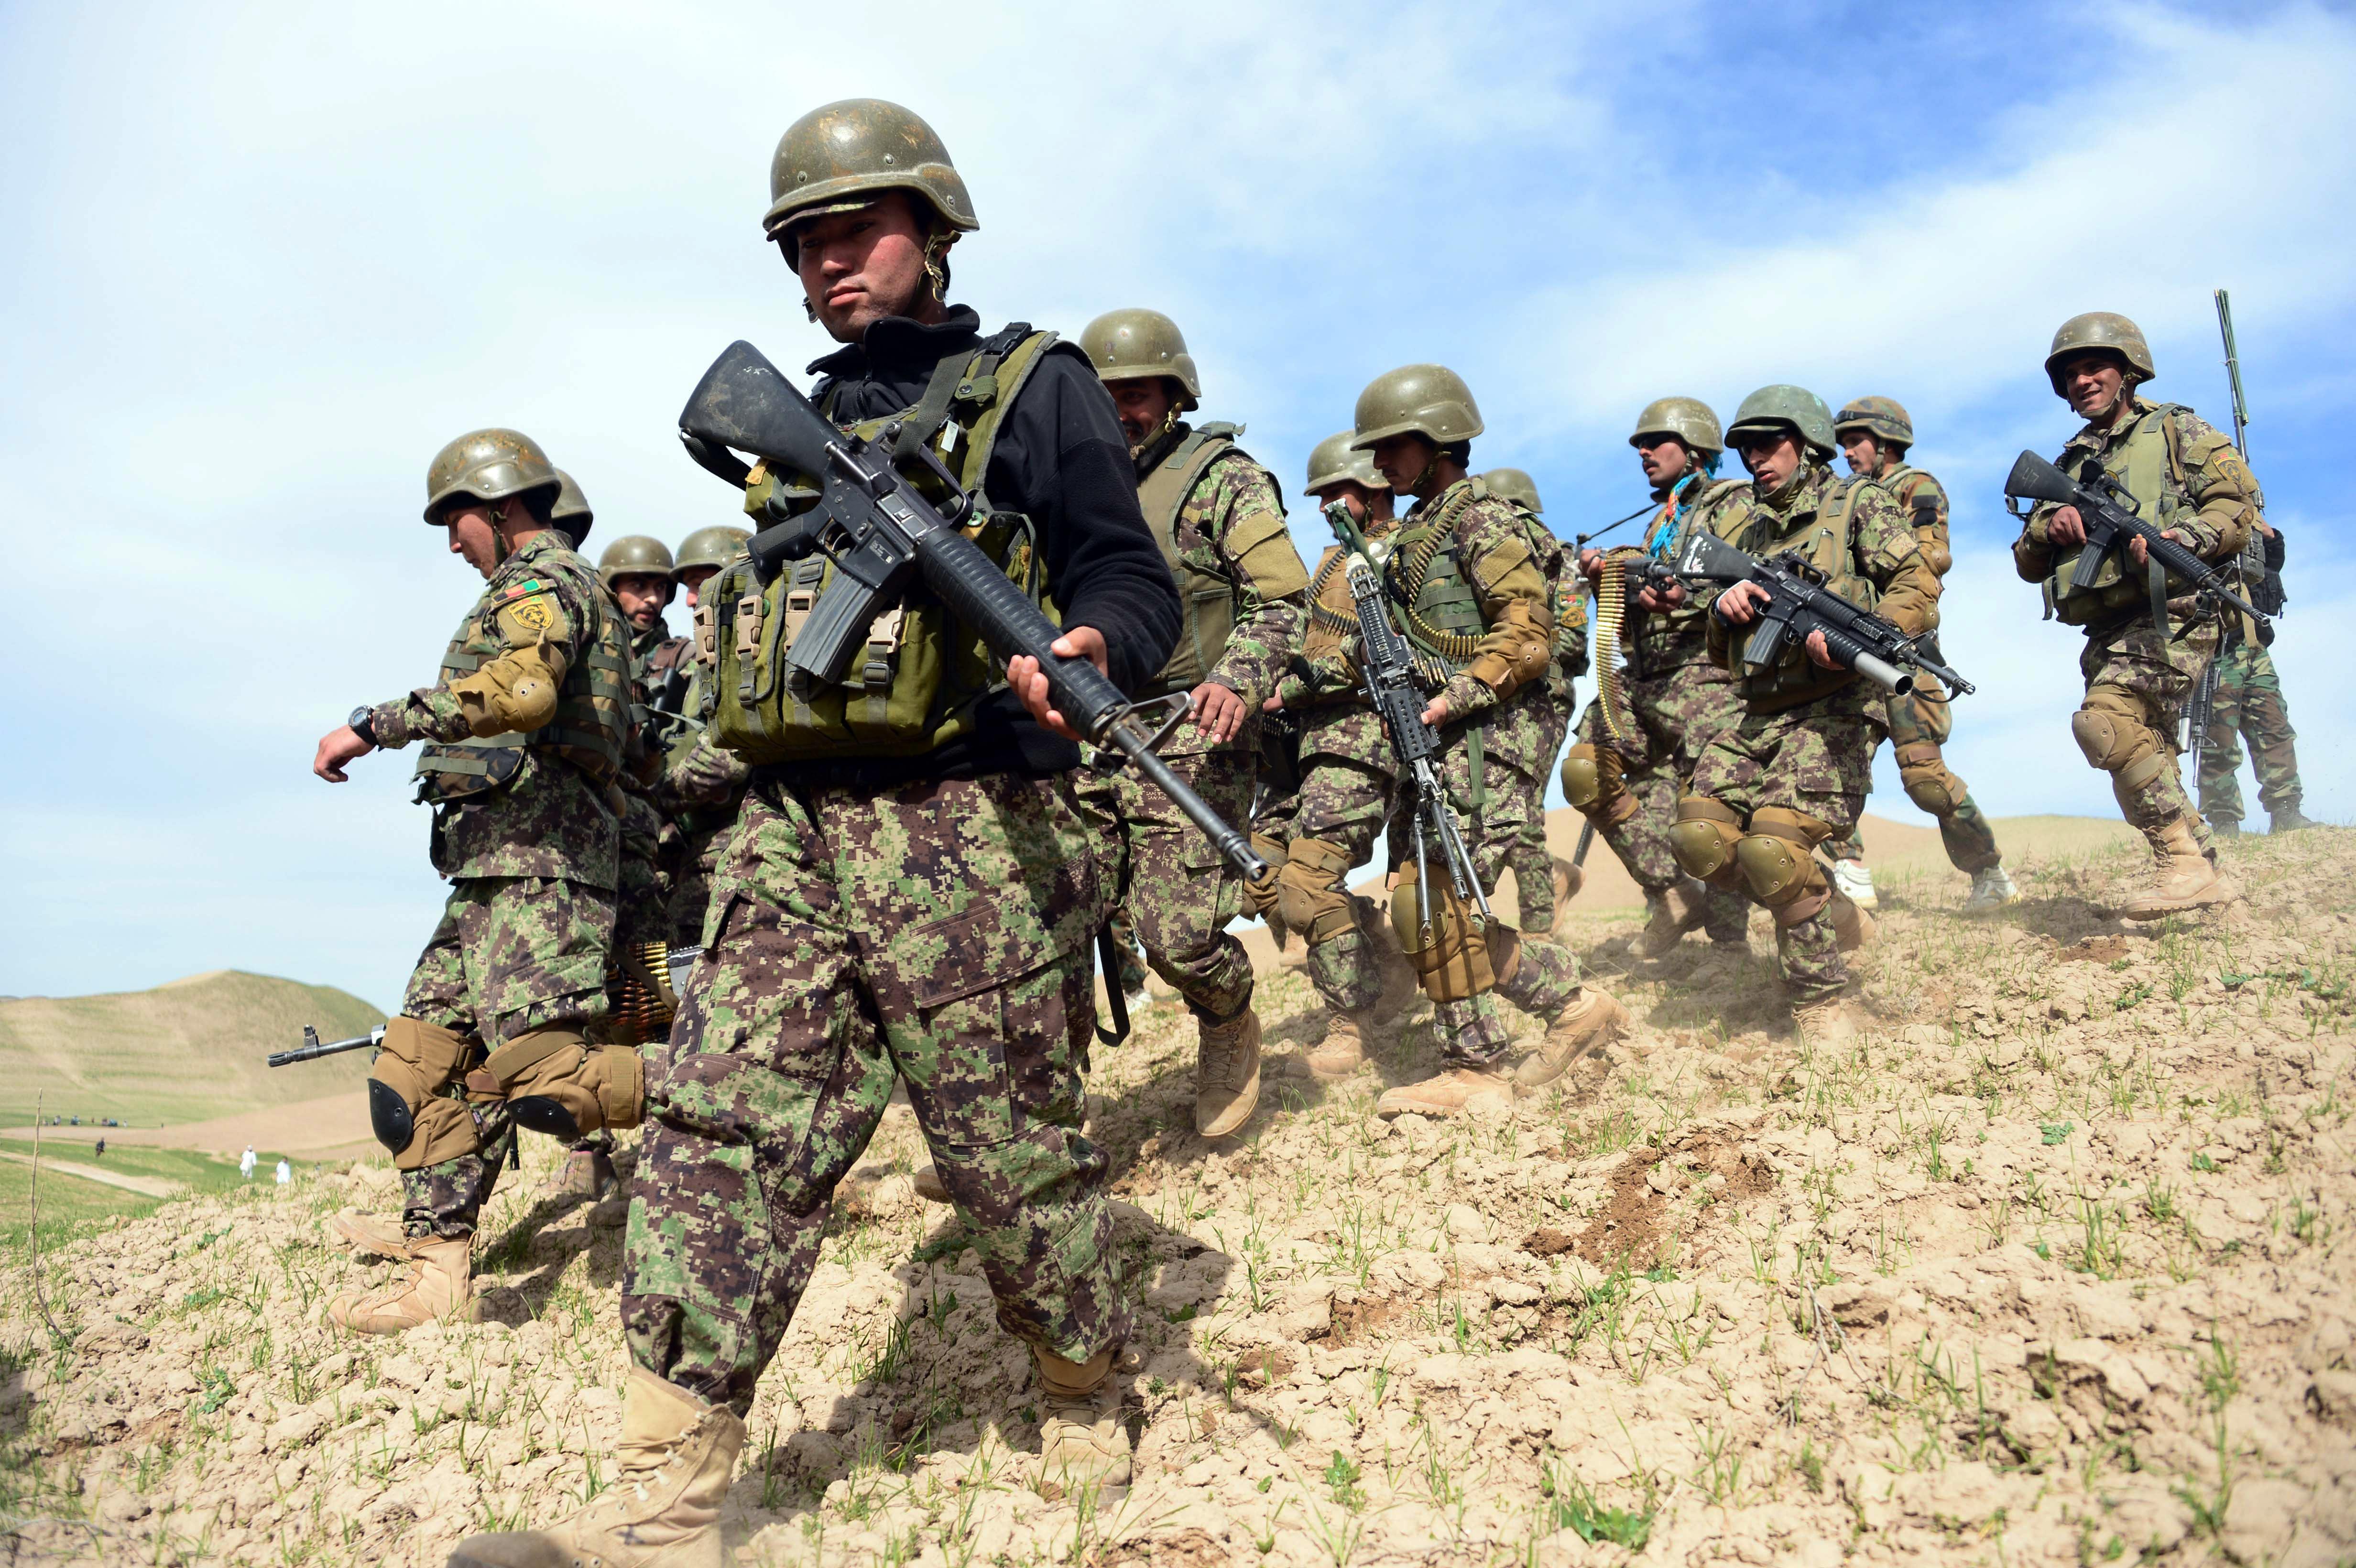 شبه نظامیان در افغانستان دچار تلفات سنگین و روحیه پایین شده اند